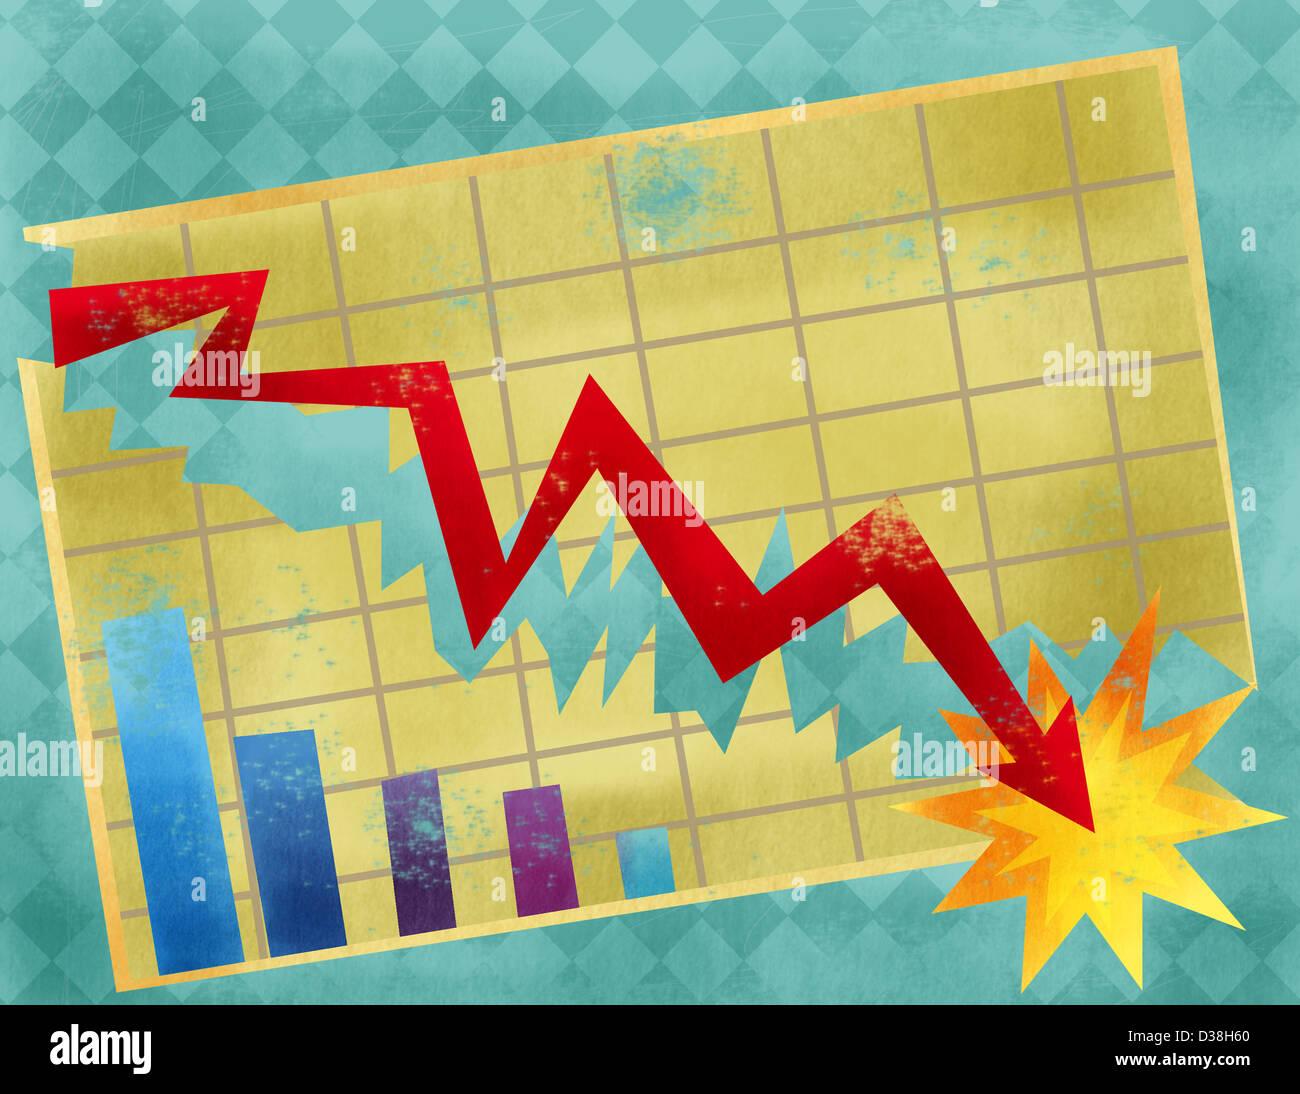 Gráfico de linhas que mostra a economia crash Imagens de Stock